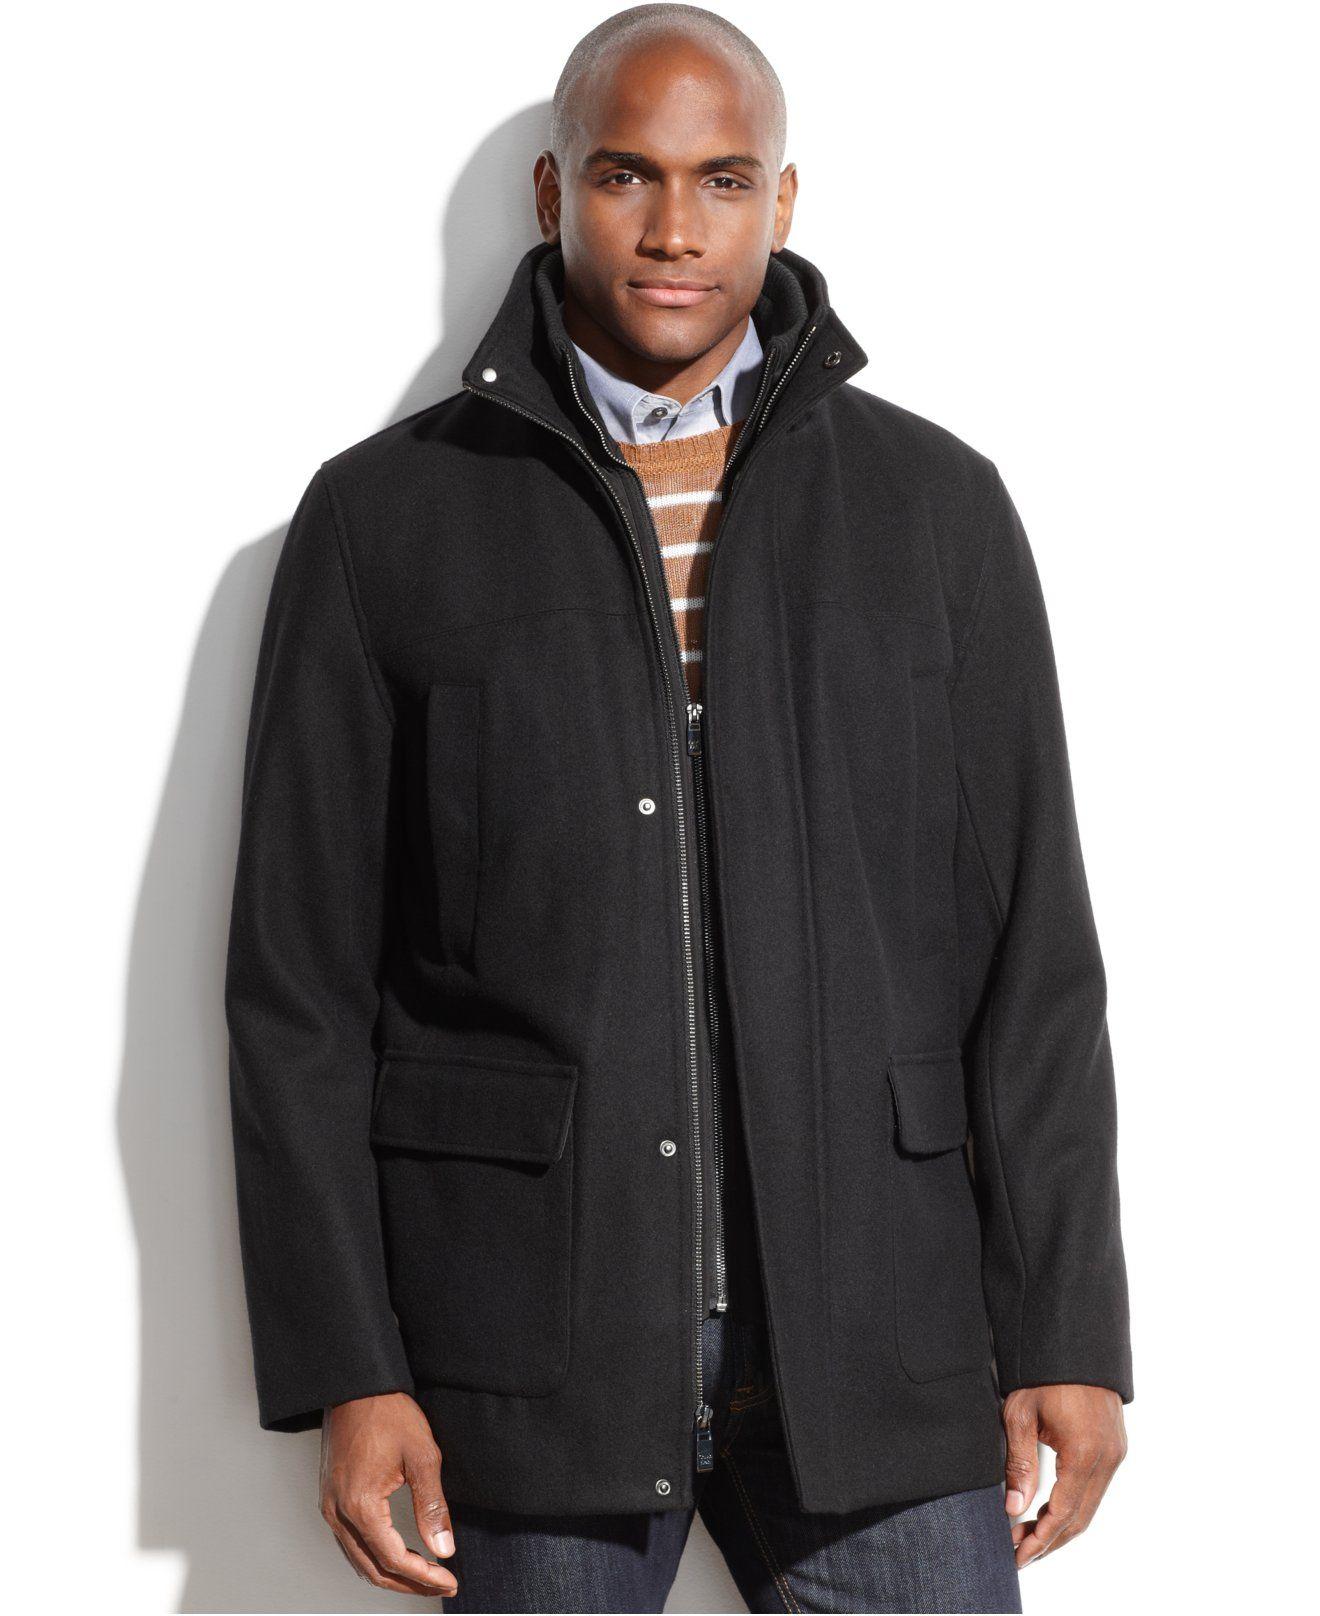 Calvin Klein Wool Blend Contrast Bib Lux Twill Car Coat Coats Jackets Men Macy S Car Coat Coats Jackets Coat [ 1616 x 1320 Pixel ]